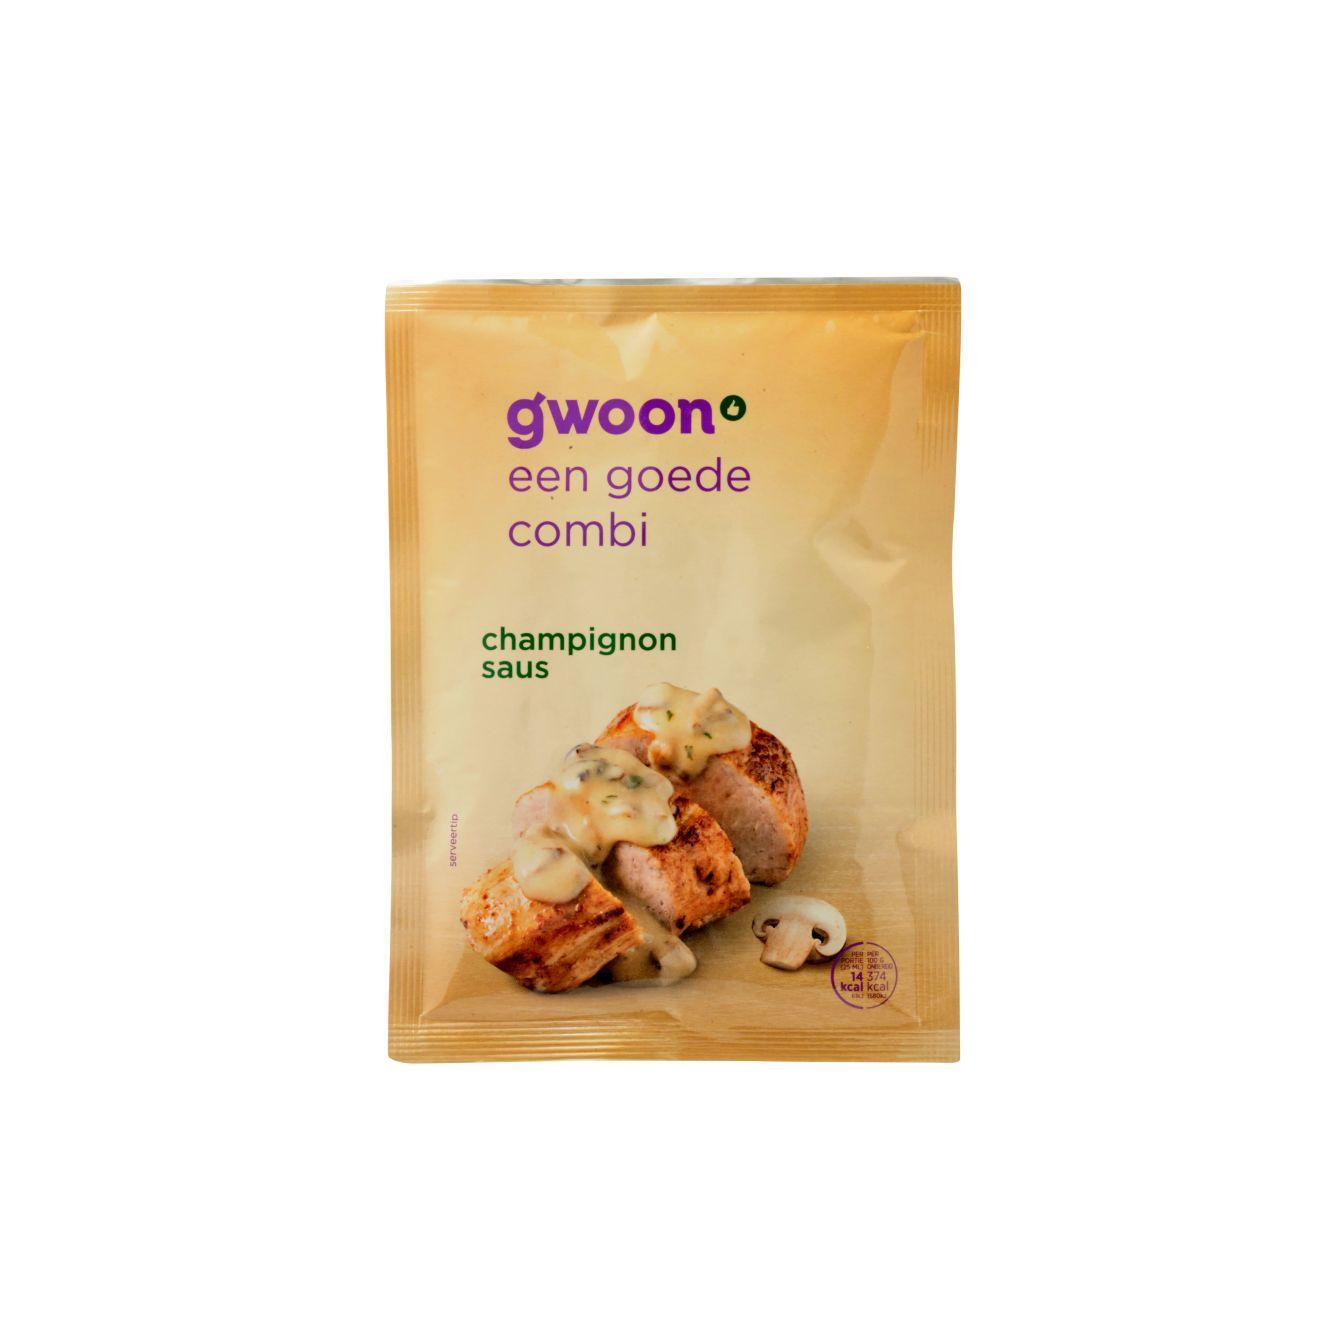 G'woon Mix Voor Champignonsaus